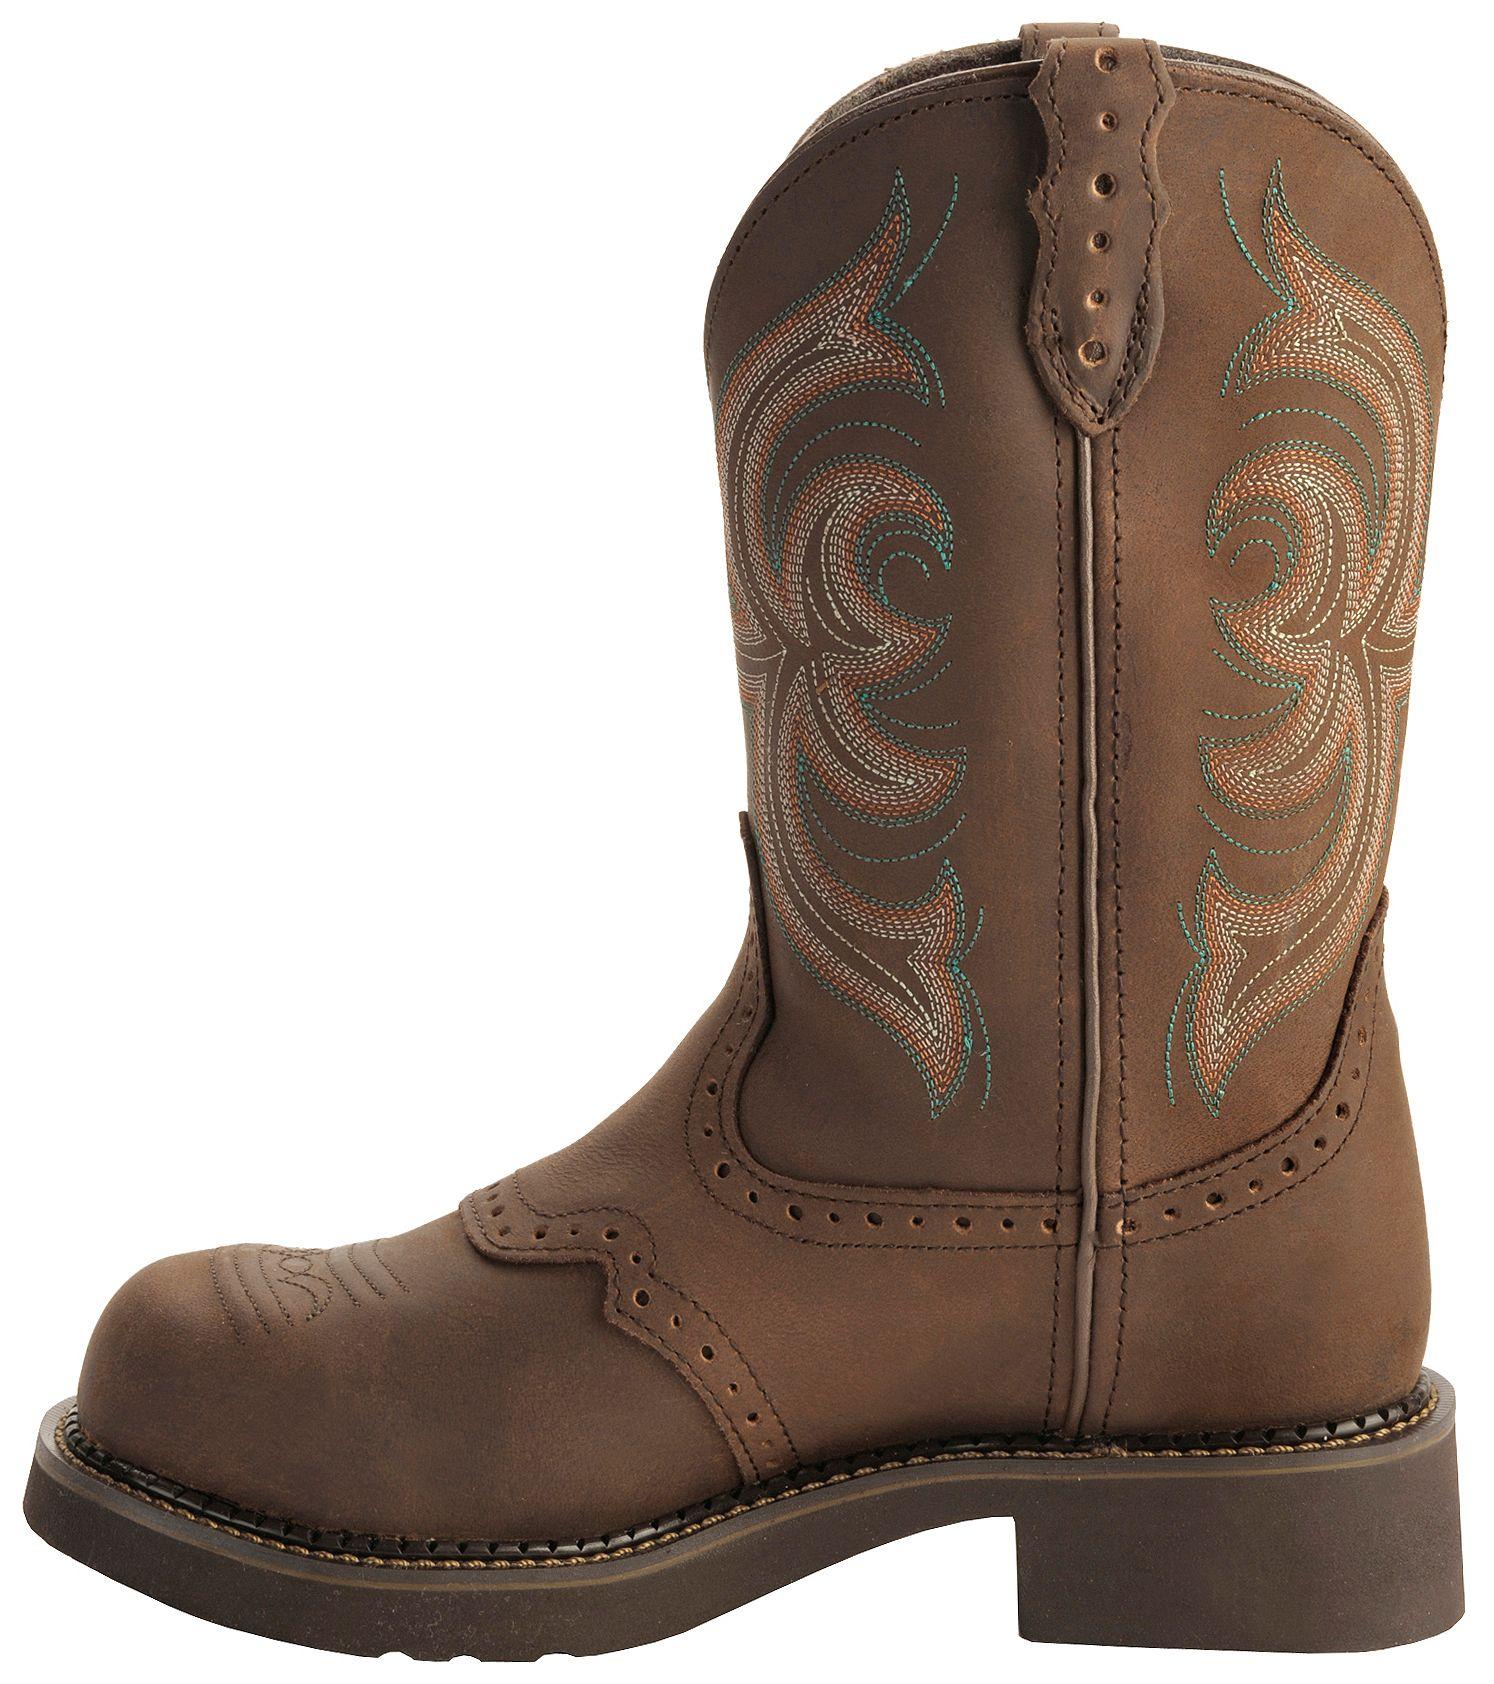 Popular Womenu0026#39;s Justinu00ae 13u0026quot; Bent Rail Calf Boots - 582153 Cowboy U0026 Western Boots At Sportsmanu0026#39;s Guide